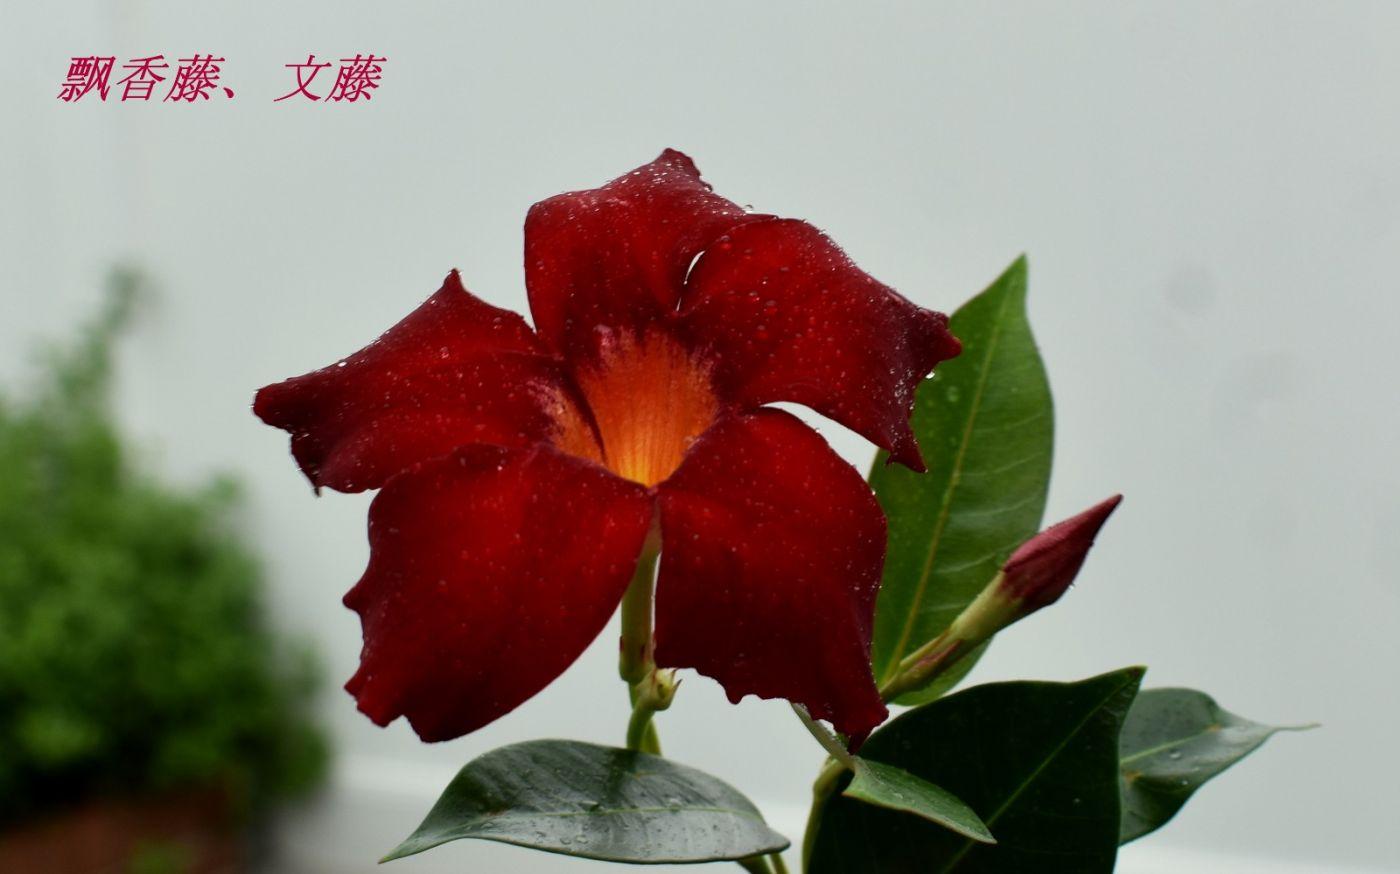 花草图谱 (34)_图1-23